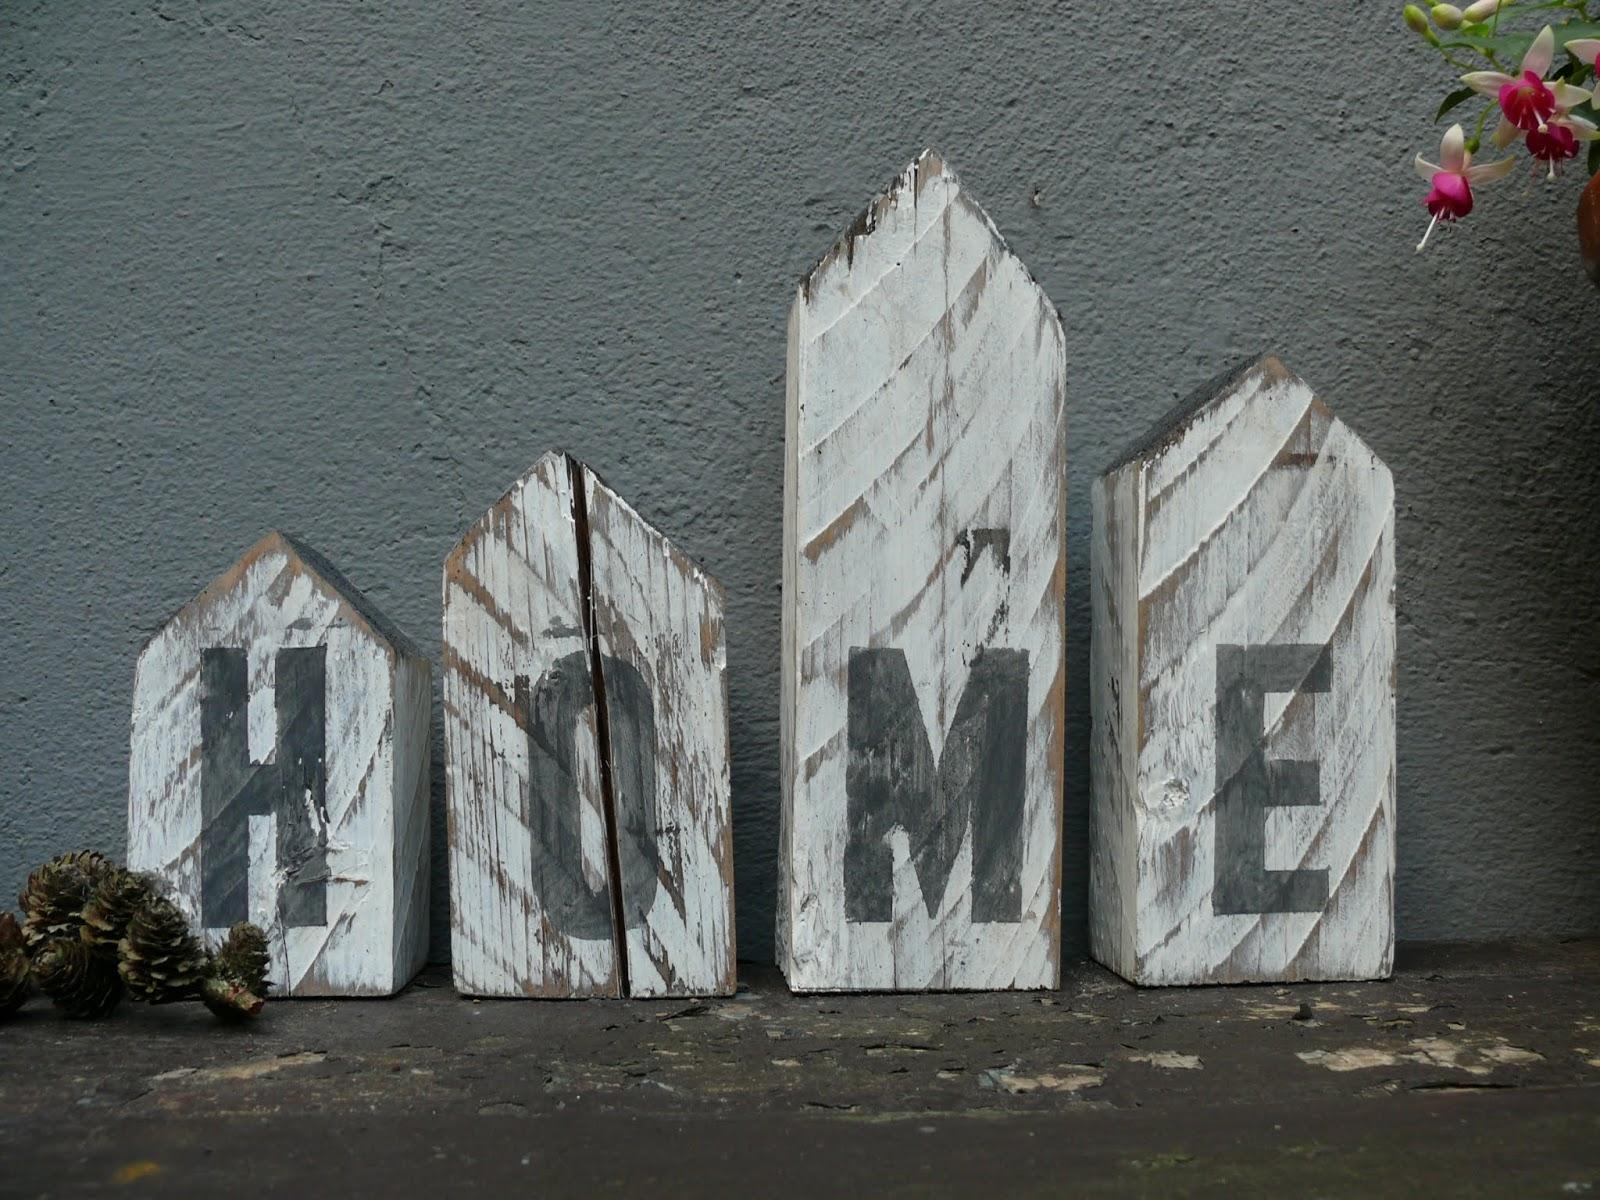 gk kreativ deko holzh uschen aus alten balken im shabby chic style selber machen. Black Bedroom Furniture Sets. Home Design Ideas